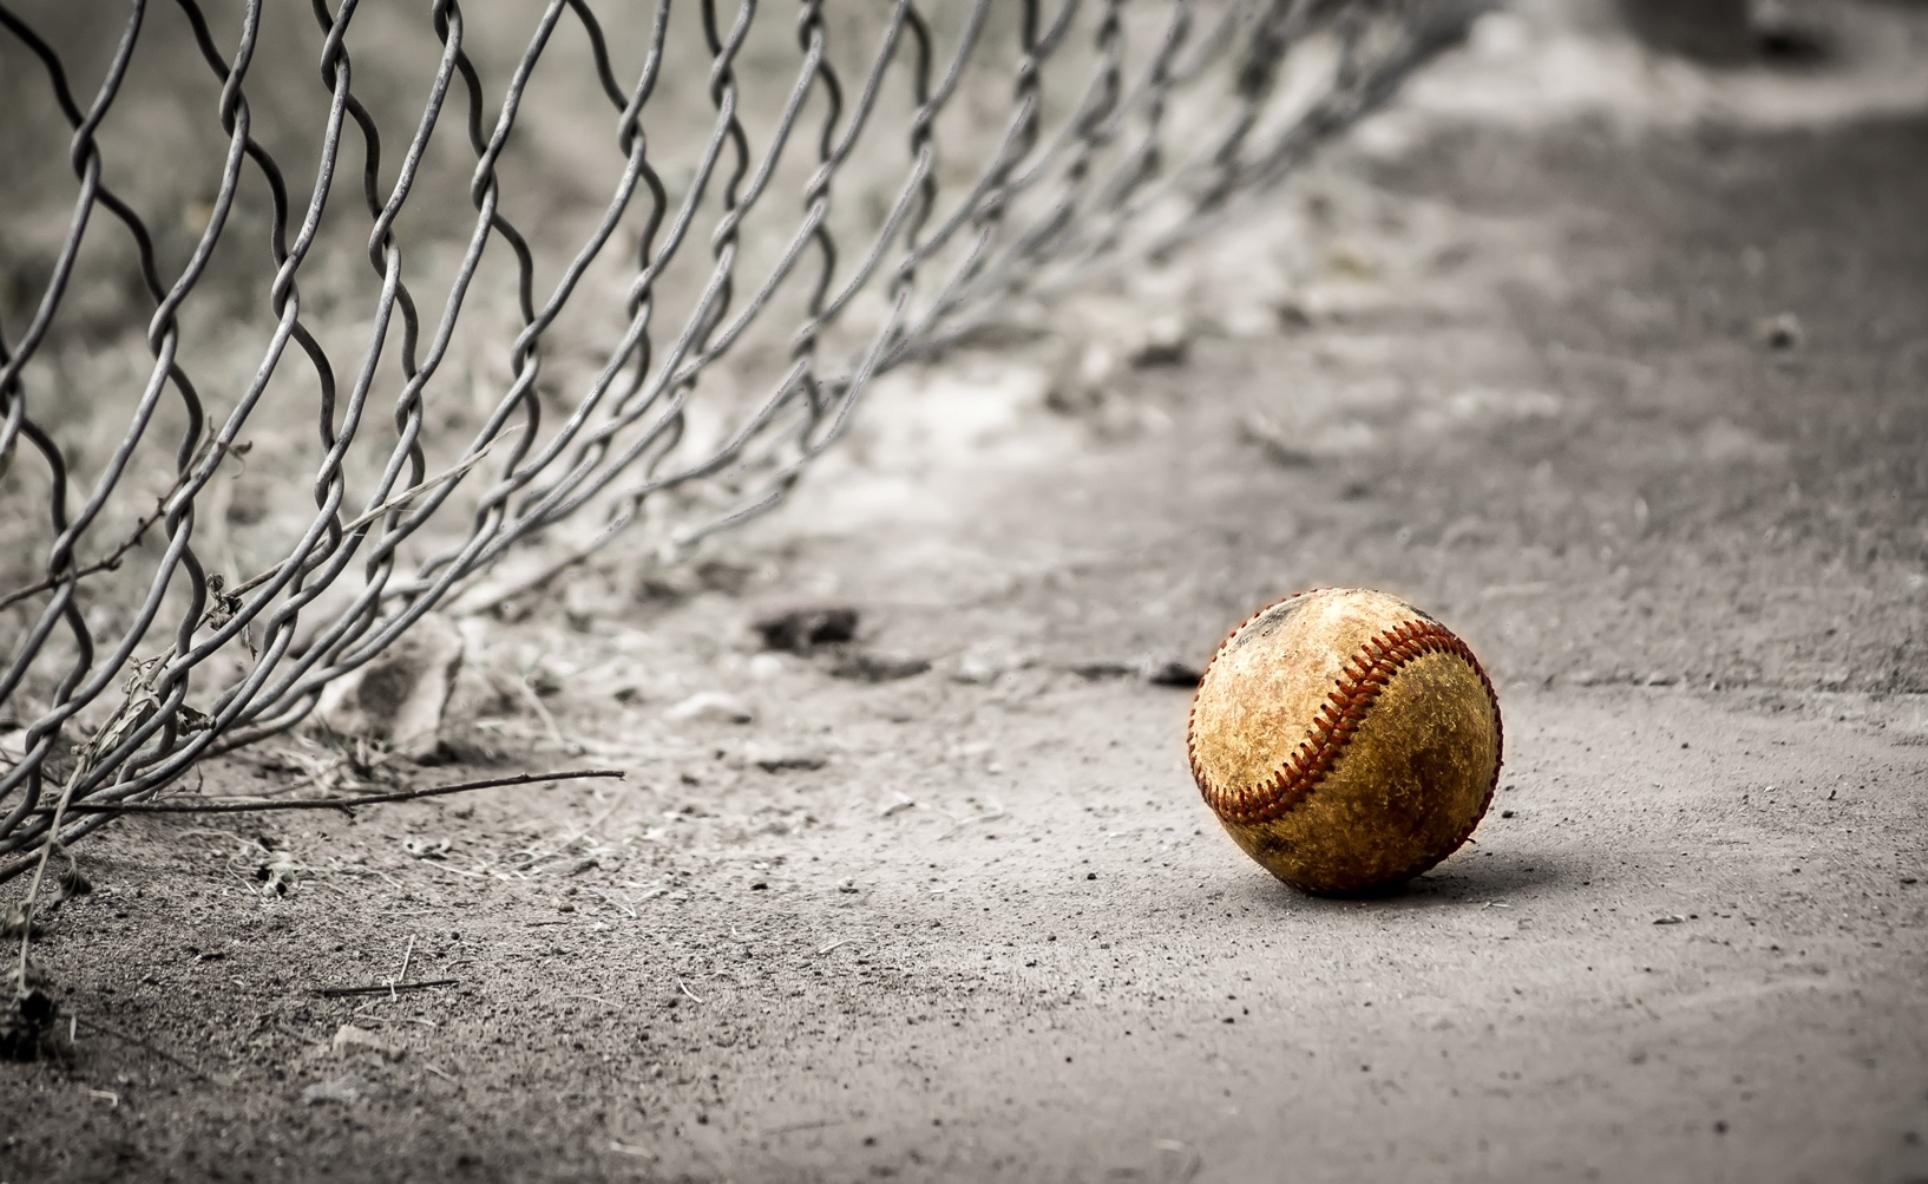 Мяч в сетке  № 1365457 бесплатно